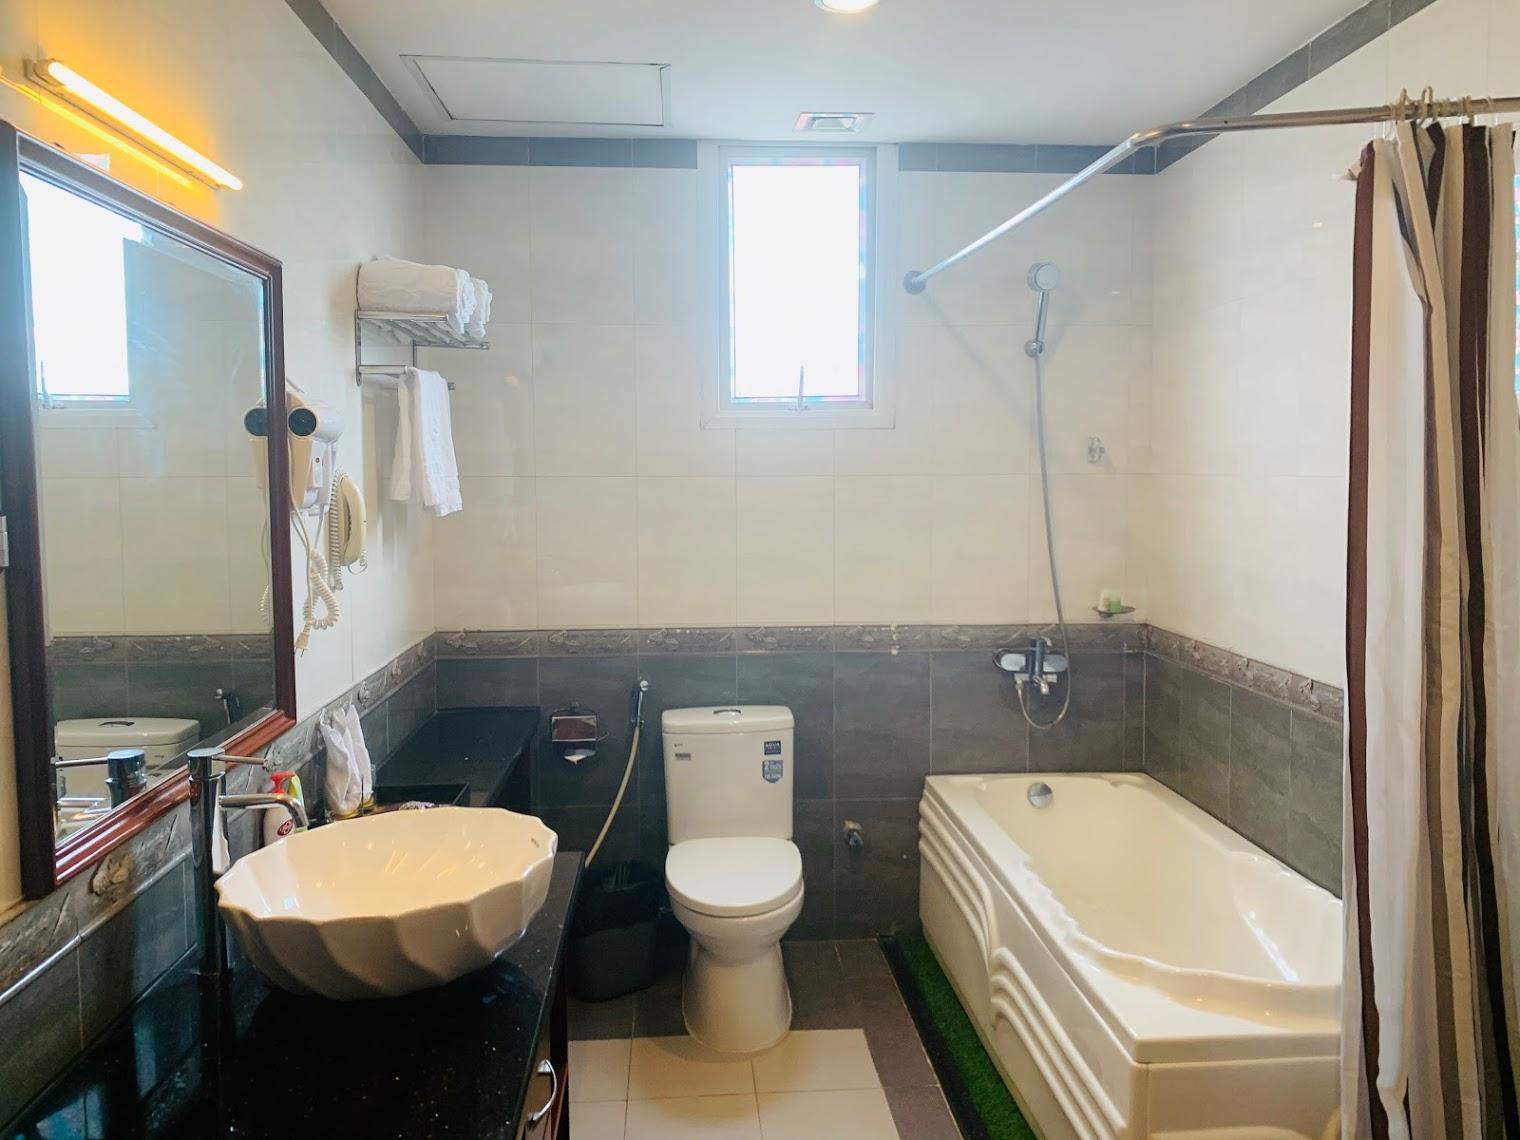 A25 Hotel - 15 Trần Quốc Toản (Rosaliza) - Hai Bà Trưng - Hà Nội